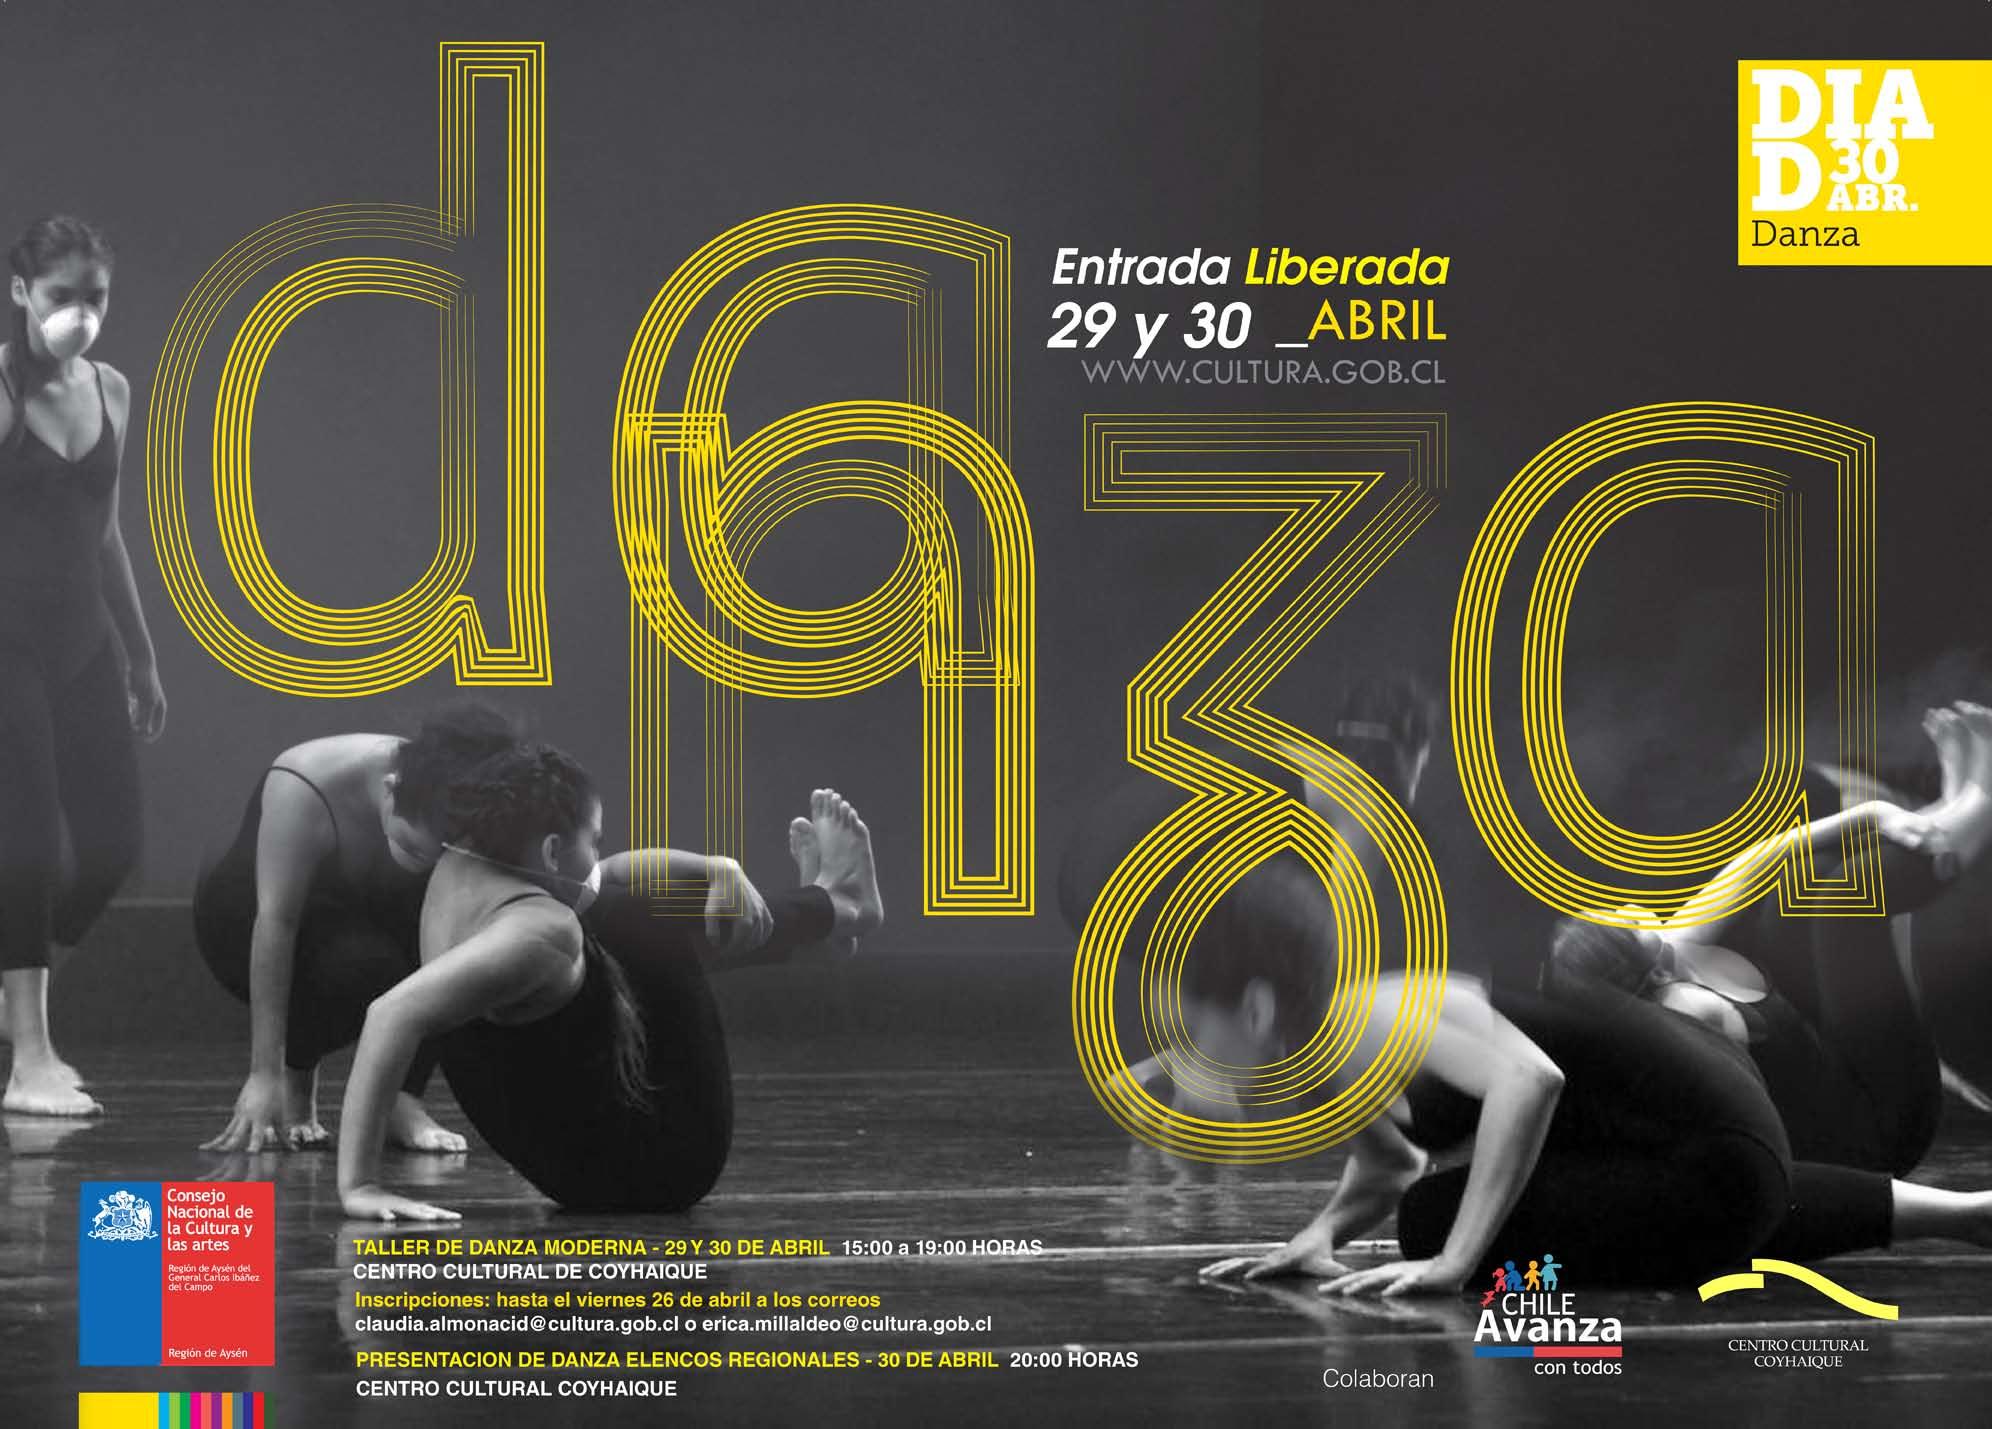 Día de la Danza en Aysén: 29 y 30 de abril